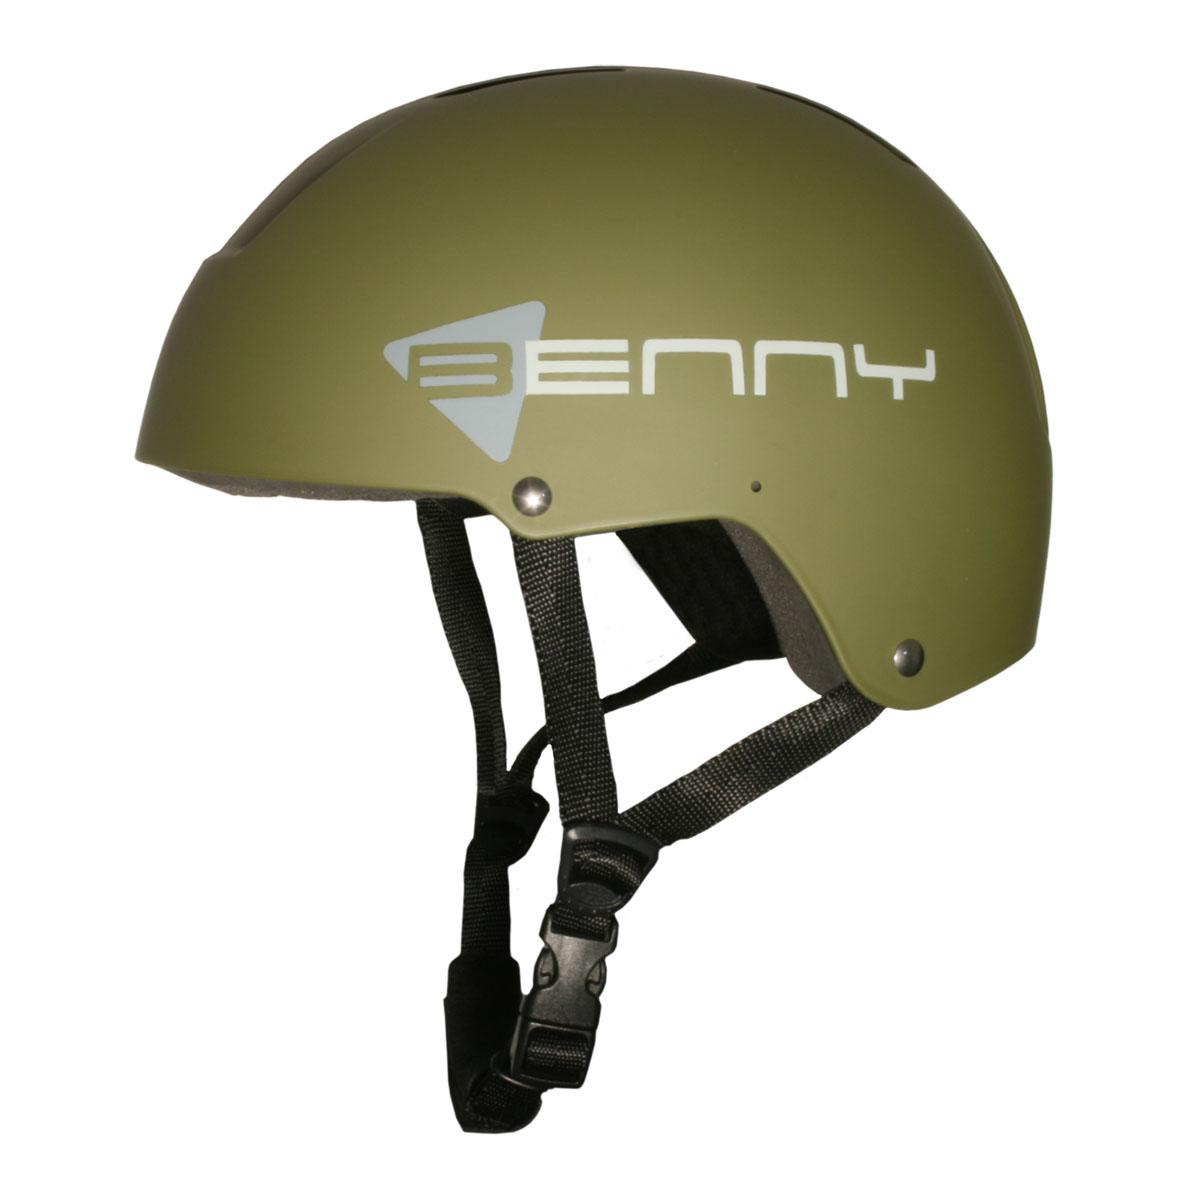 Half Shell Benny Helmet